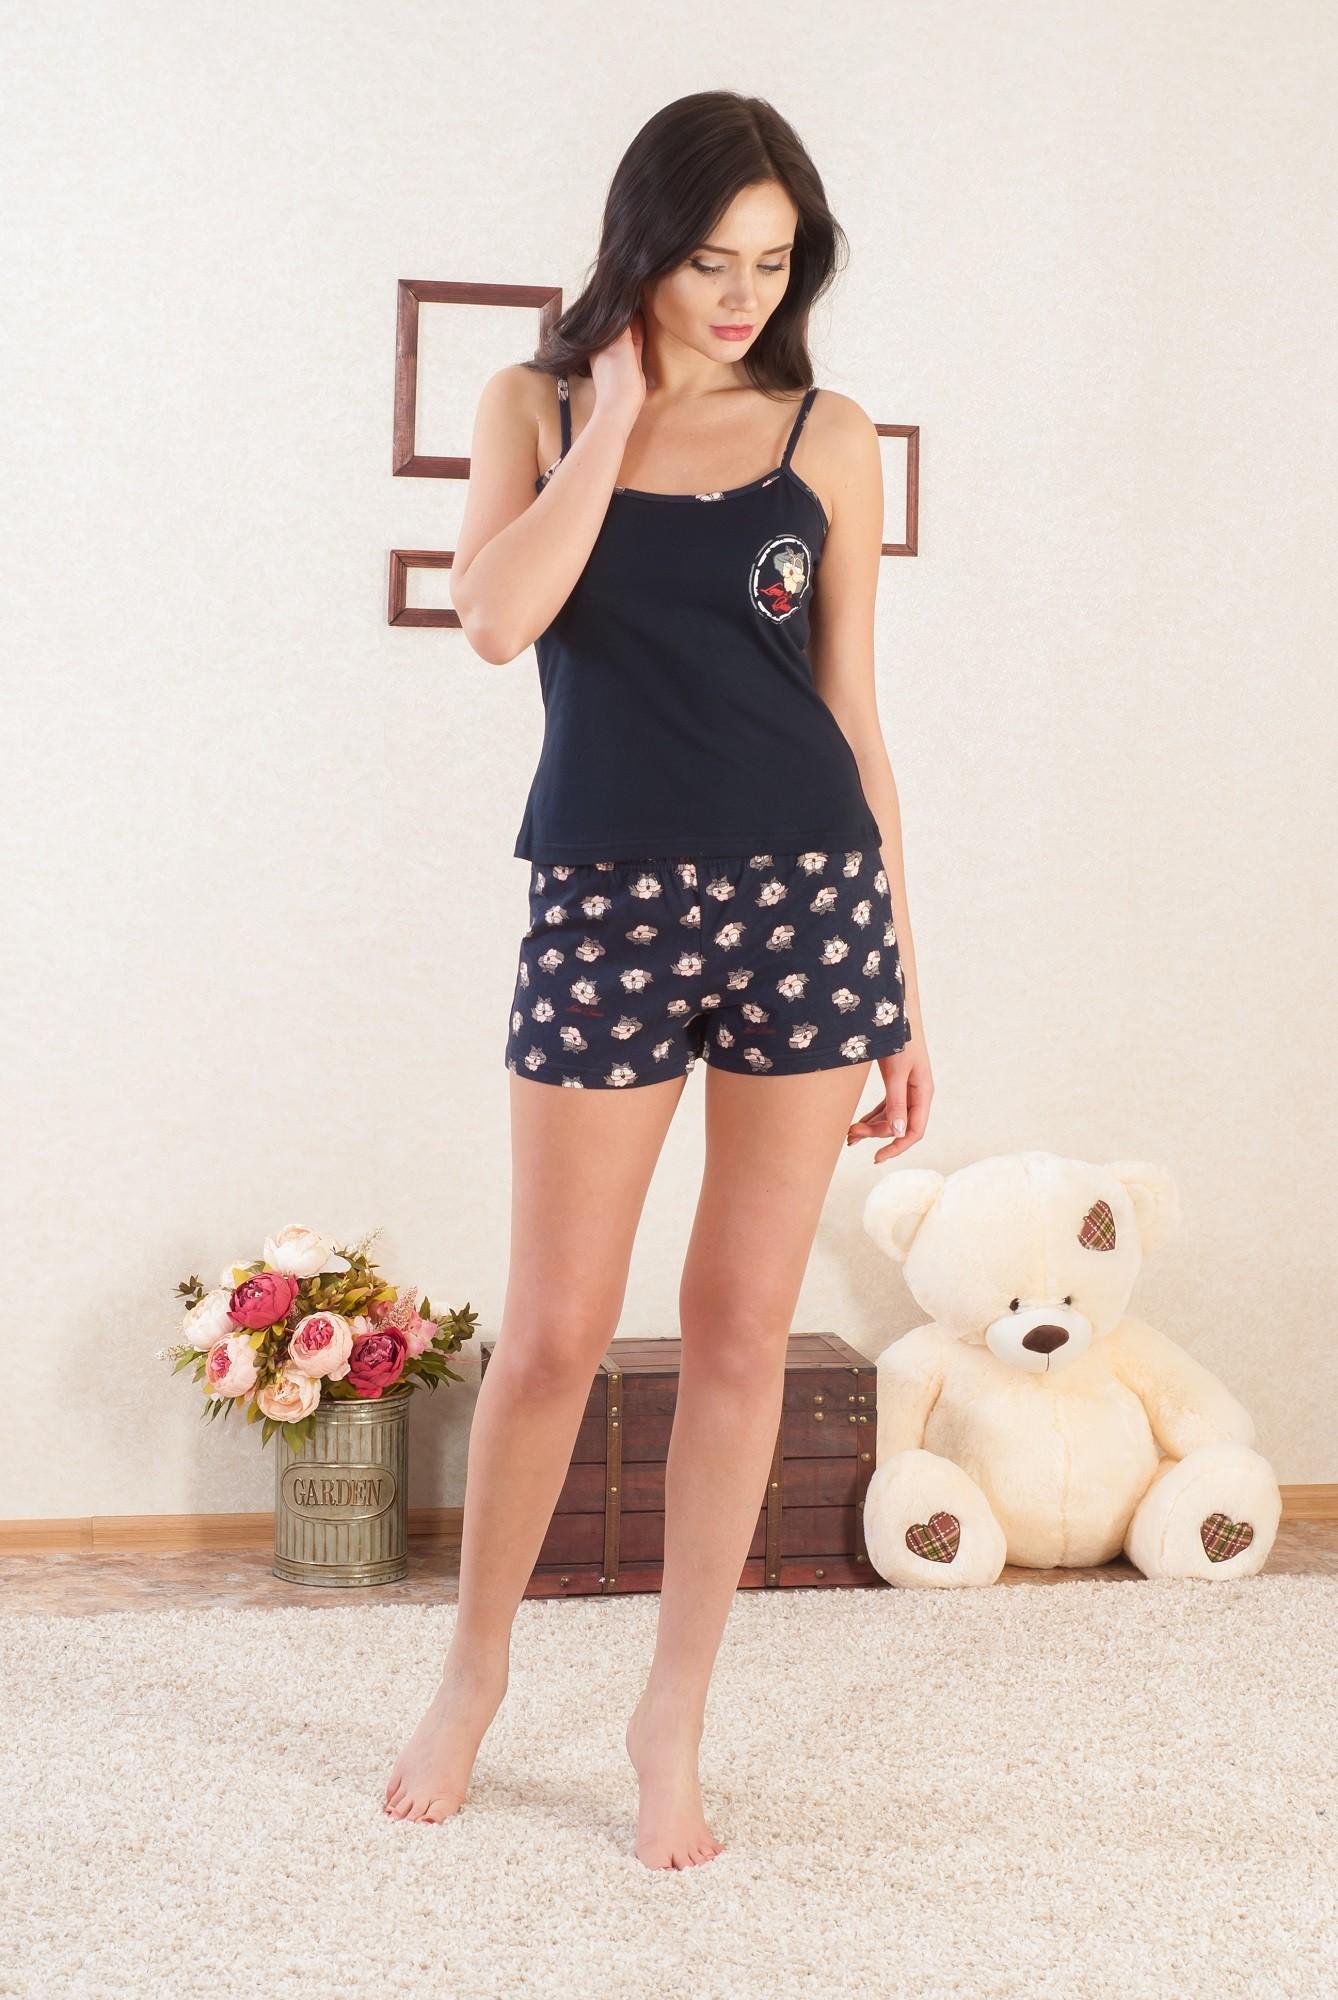 Женские пижамы оптом из Иваново от производителя Лена Баско 3fbb8af2e4db2